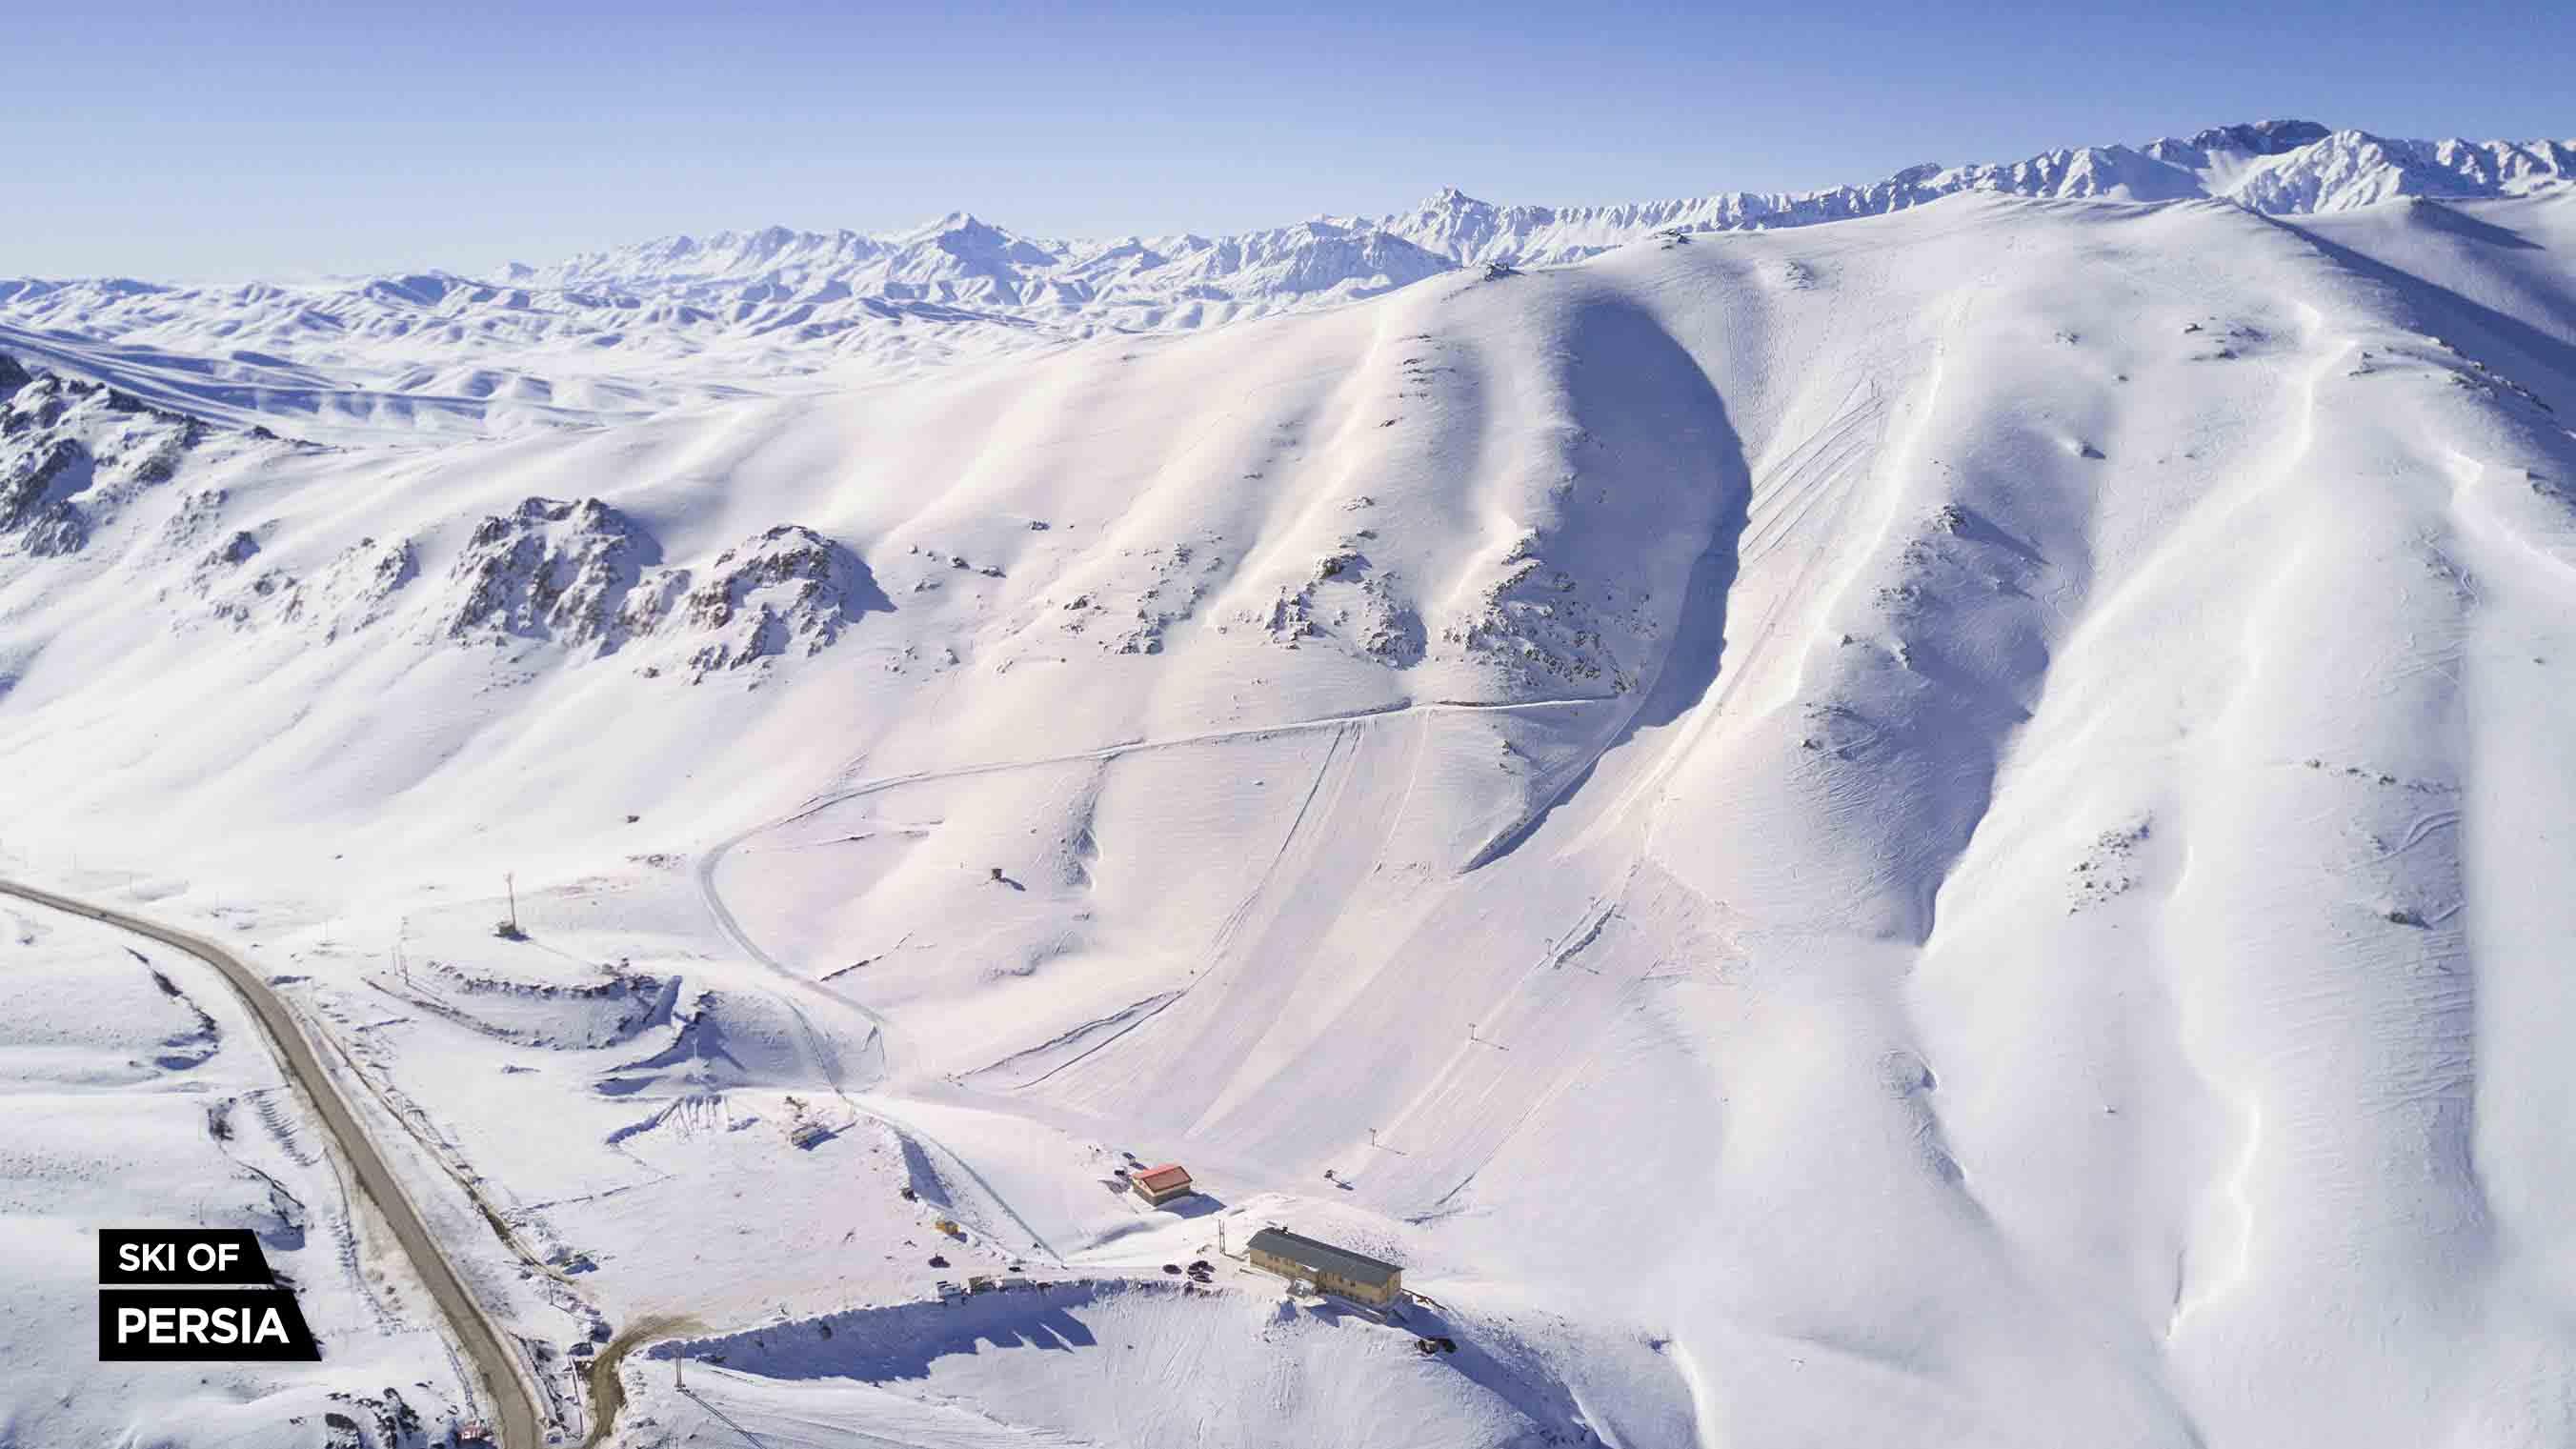 Station de Ski en Iran Fereydunshah